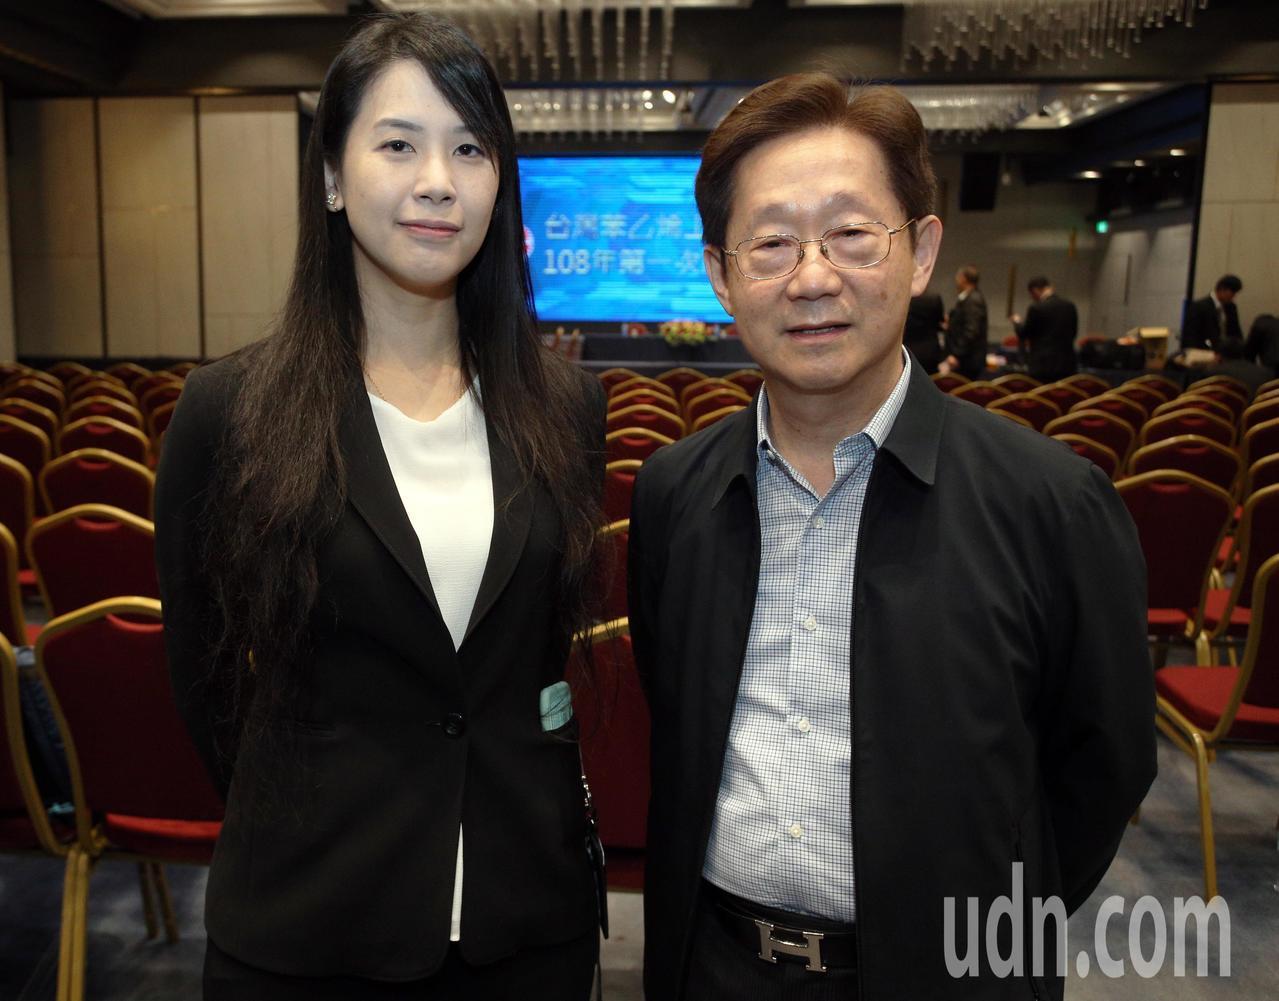 現任台苯董事長吳怡青(左)與即將上任的林文淵(右)接受採訪合影。記者劉學聖/攝影